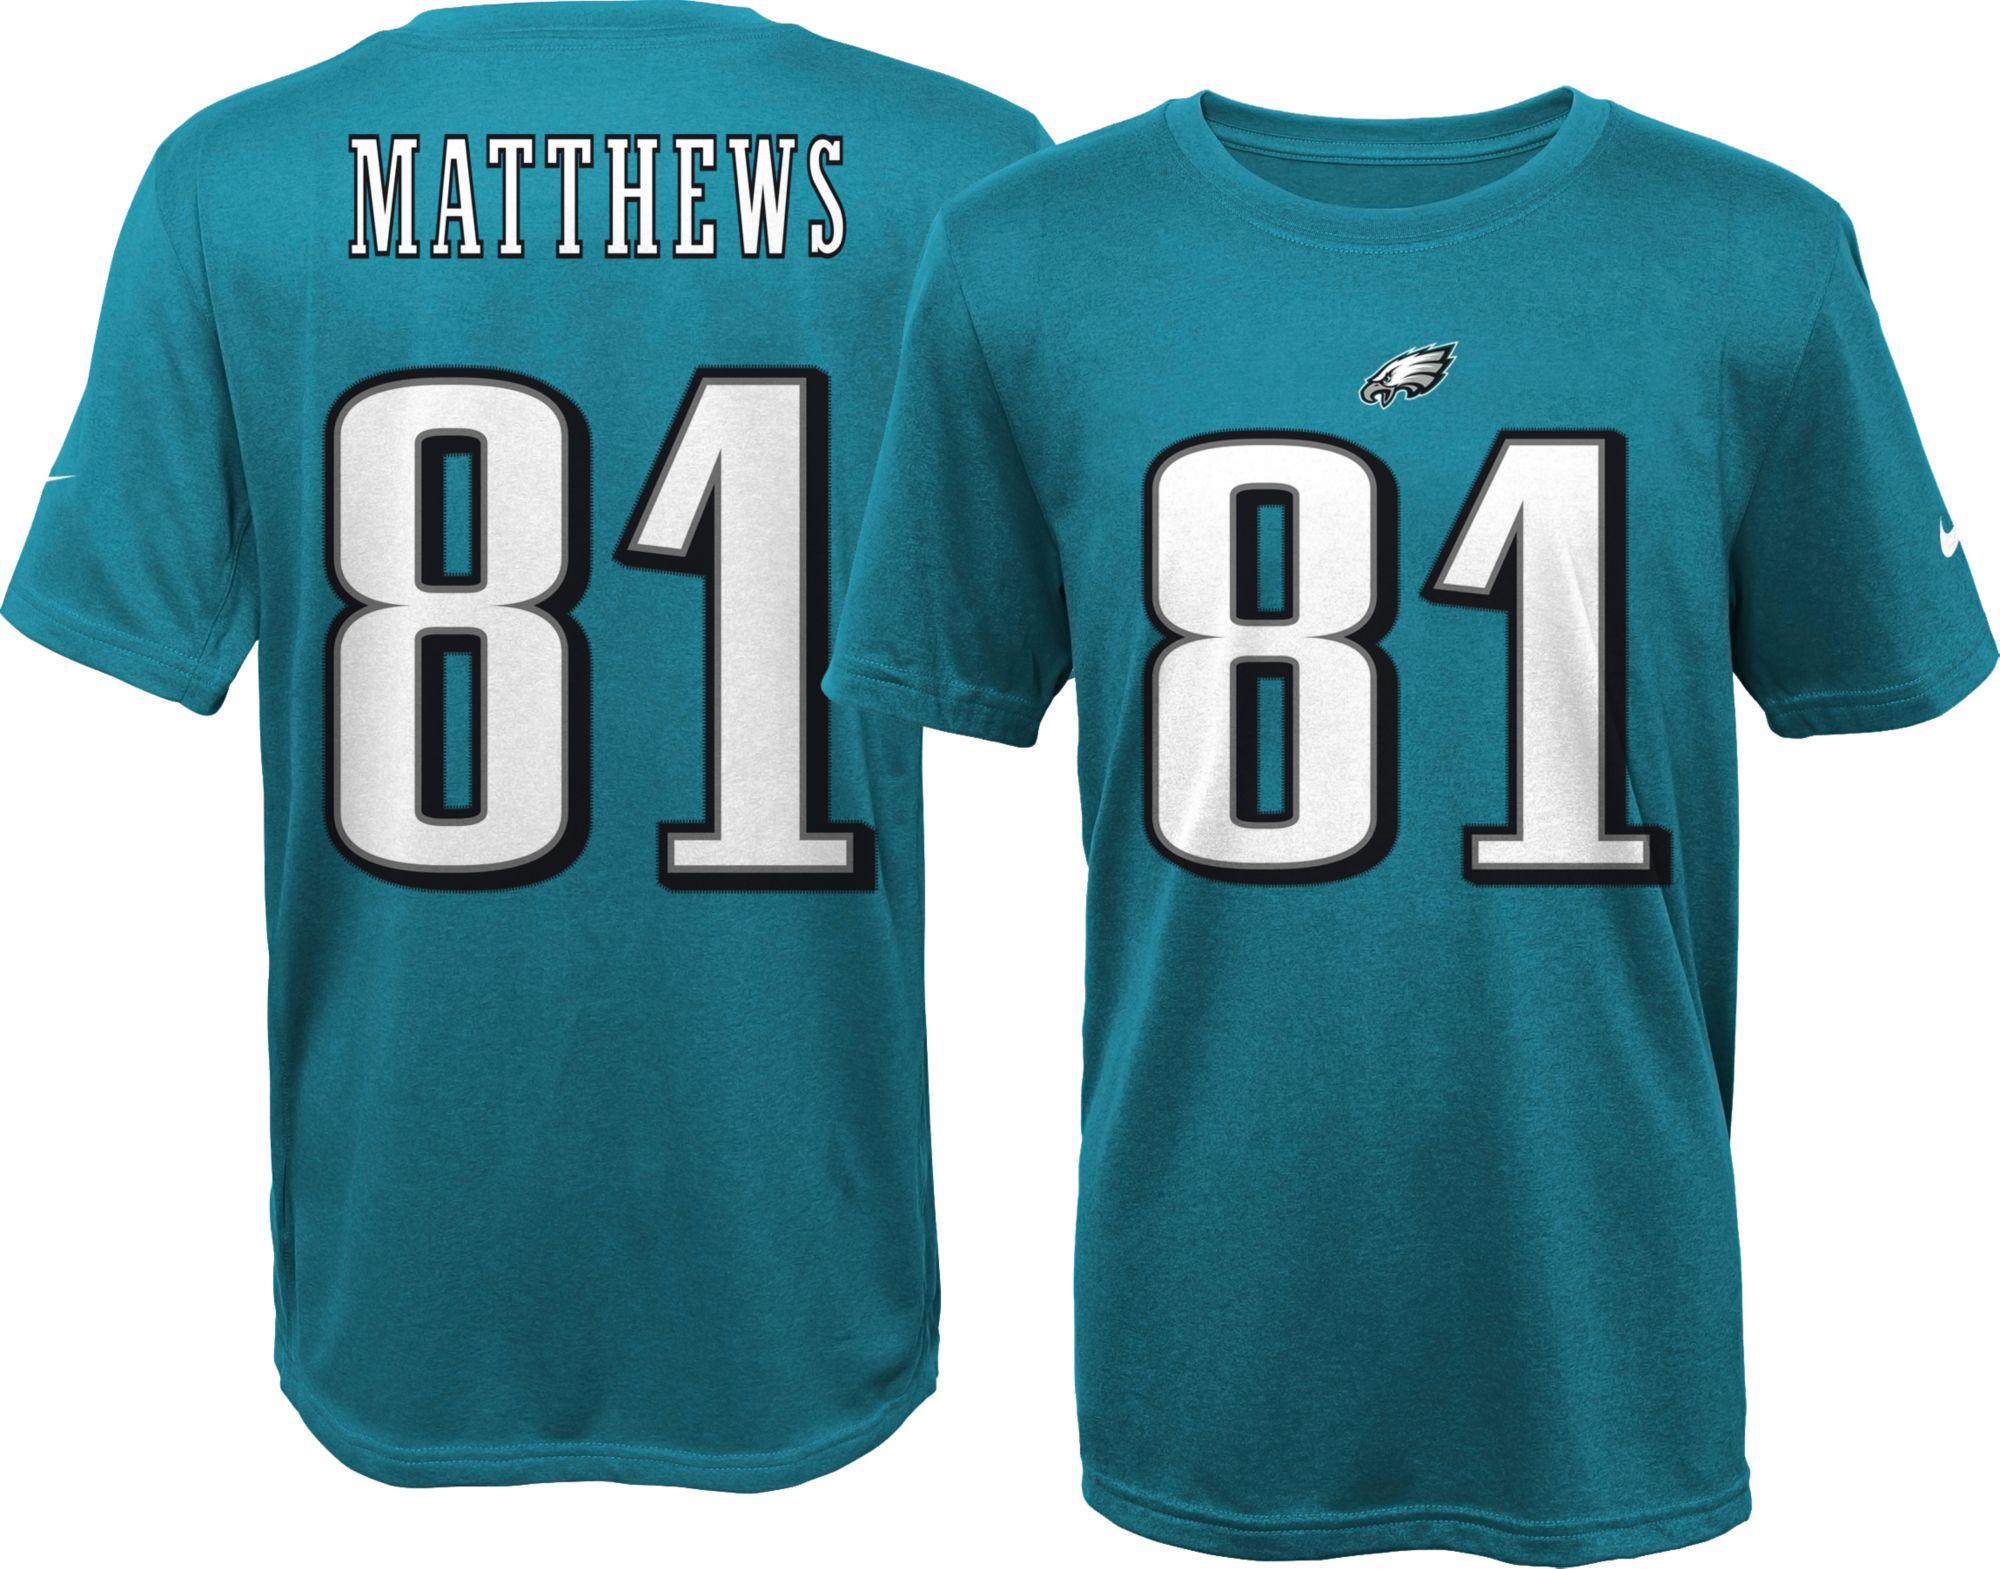 jordan matthews jersey cheap